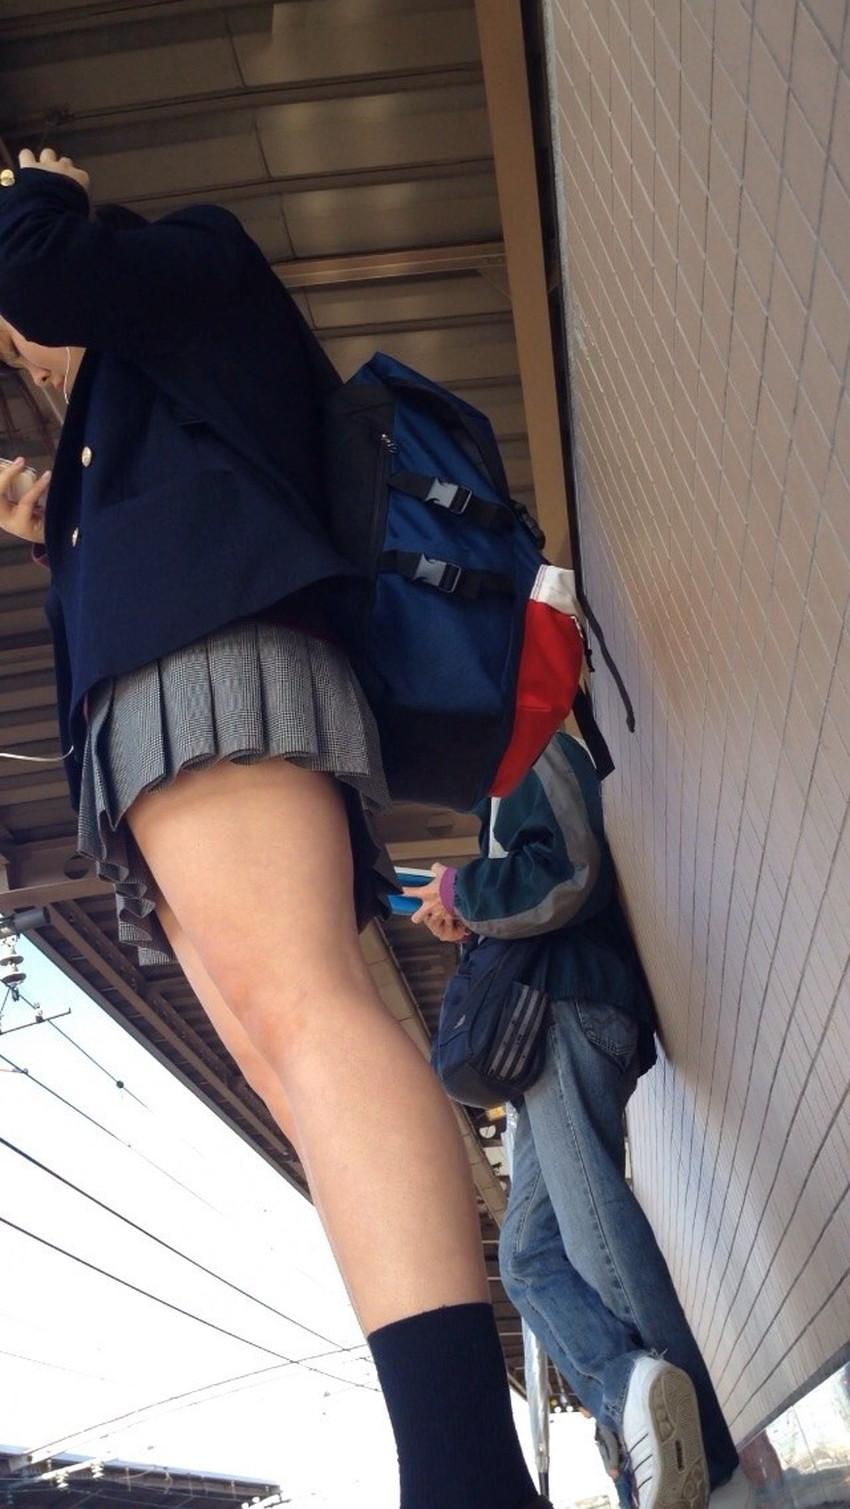 【ミニスカJKエロ画像】パンティー見えても動じない制服がミニスカ過ぎる神JKたちのパンチラをゲットしたミニスカJKのエロ画像集!ww【80枚】 73